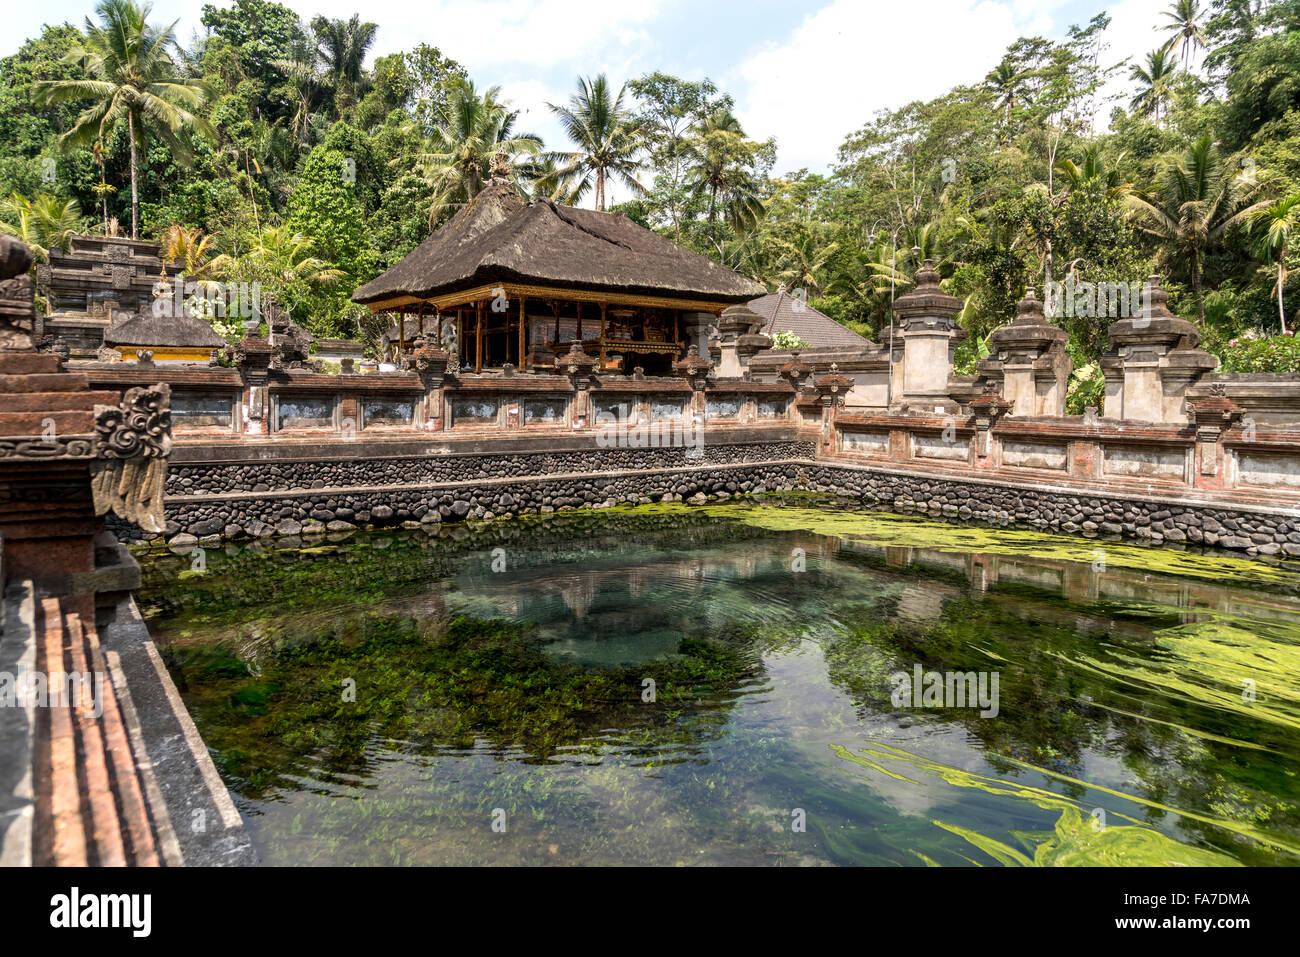 Primavera sacra dell'acqua Hindu Temple Tirta Empul nei pressi di Ubud, Bali, Indonesia Immagini Stock